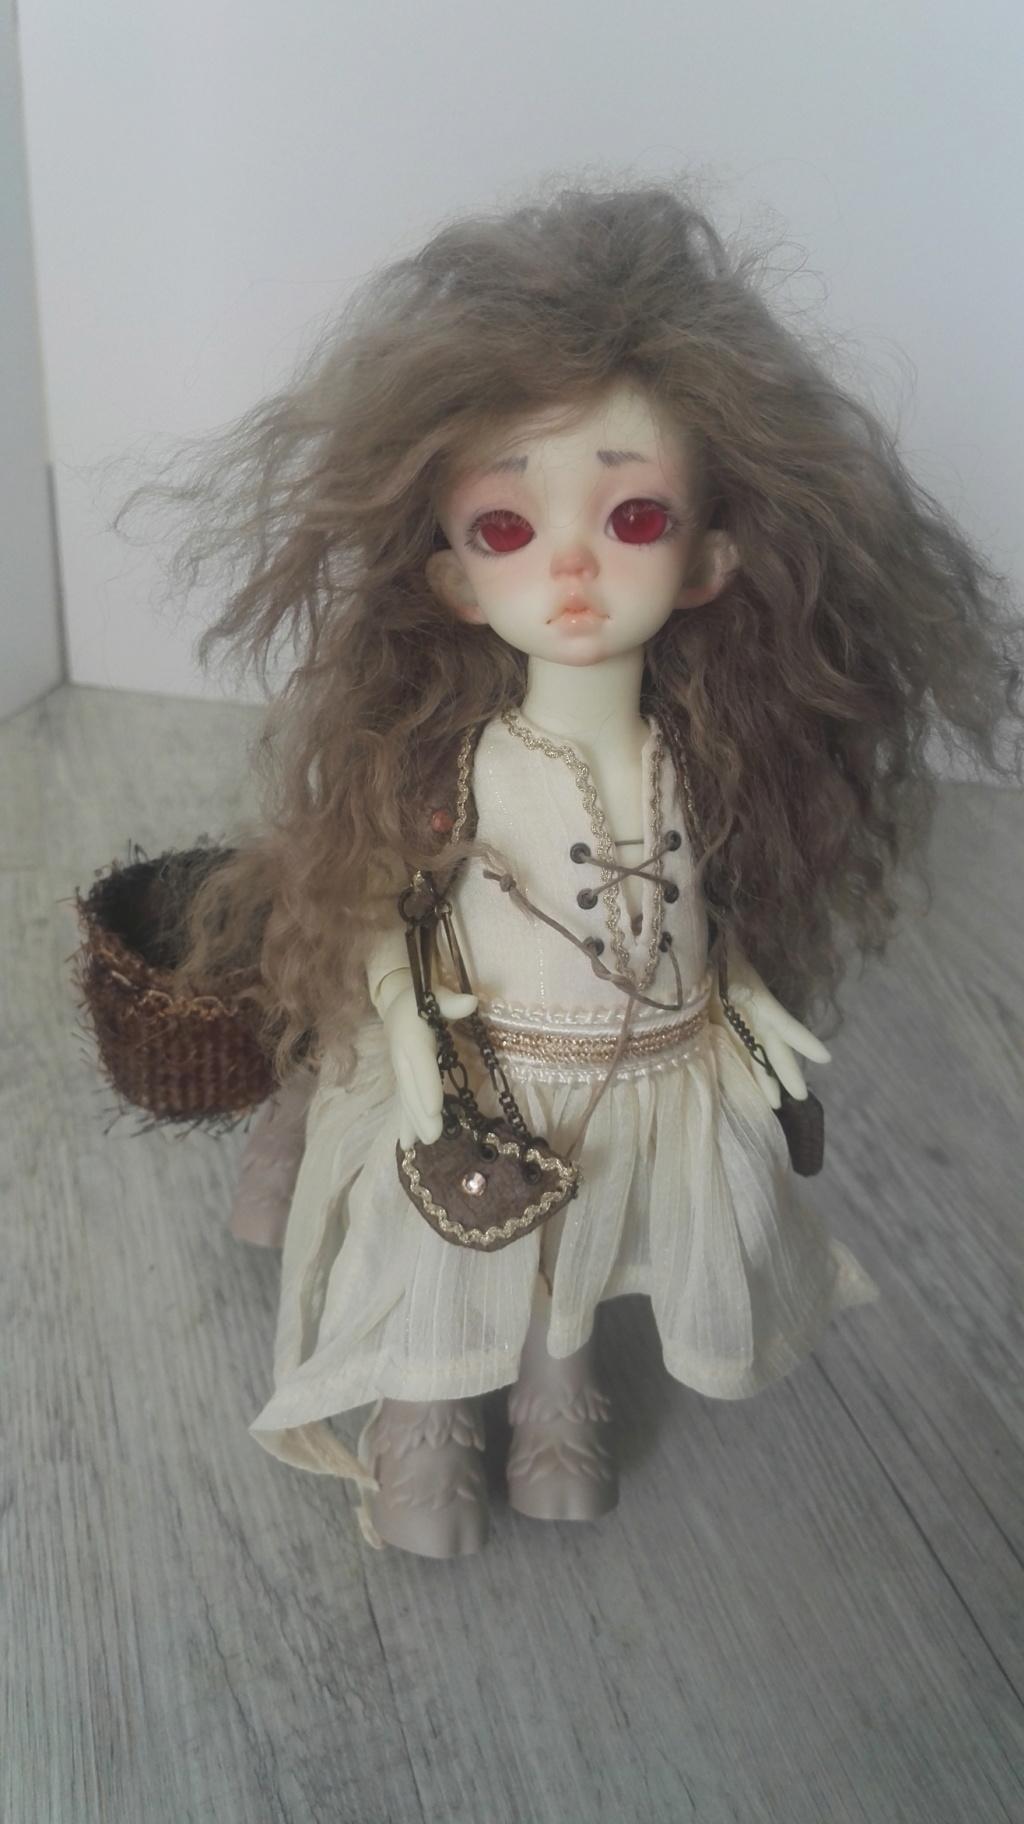 [vente] Noble dolls Reglisse-Mr Quenotte - Lati &+++ Img_2031